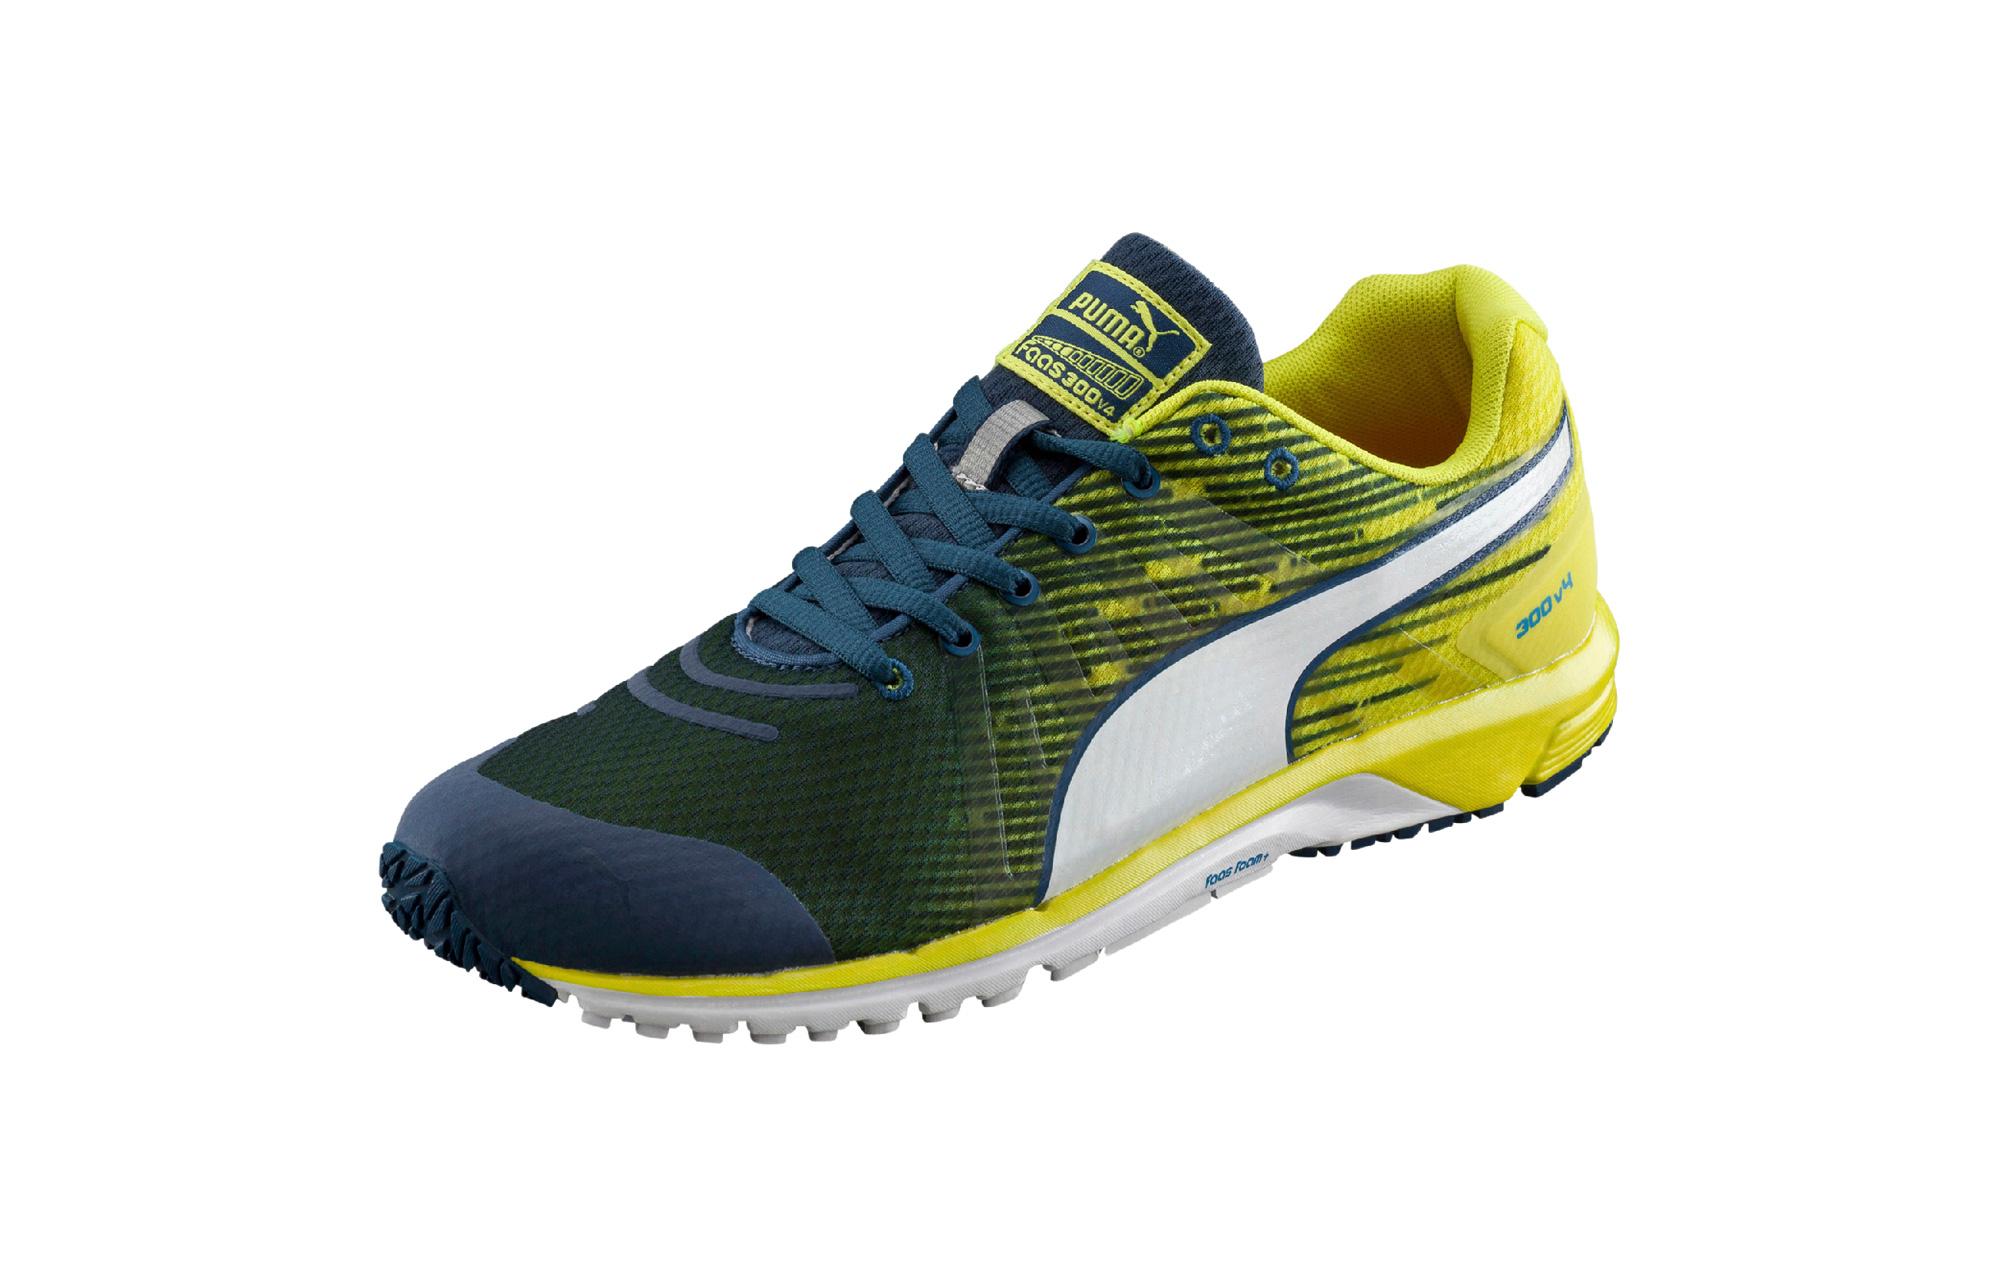 cd5e46370705 Chaussures de Running Puma Faas 300 V4 Bleu | Alltricks.fr